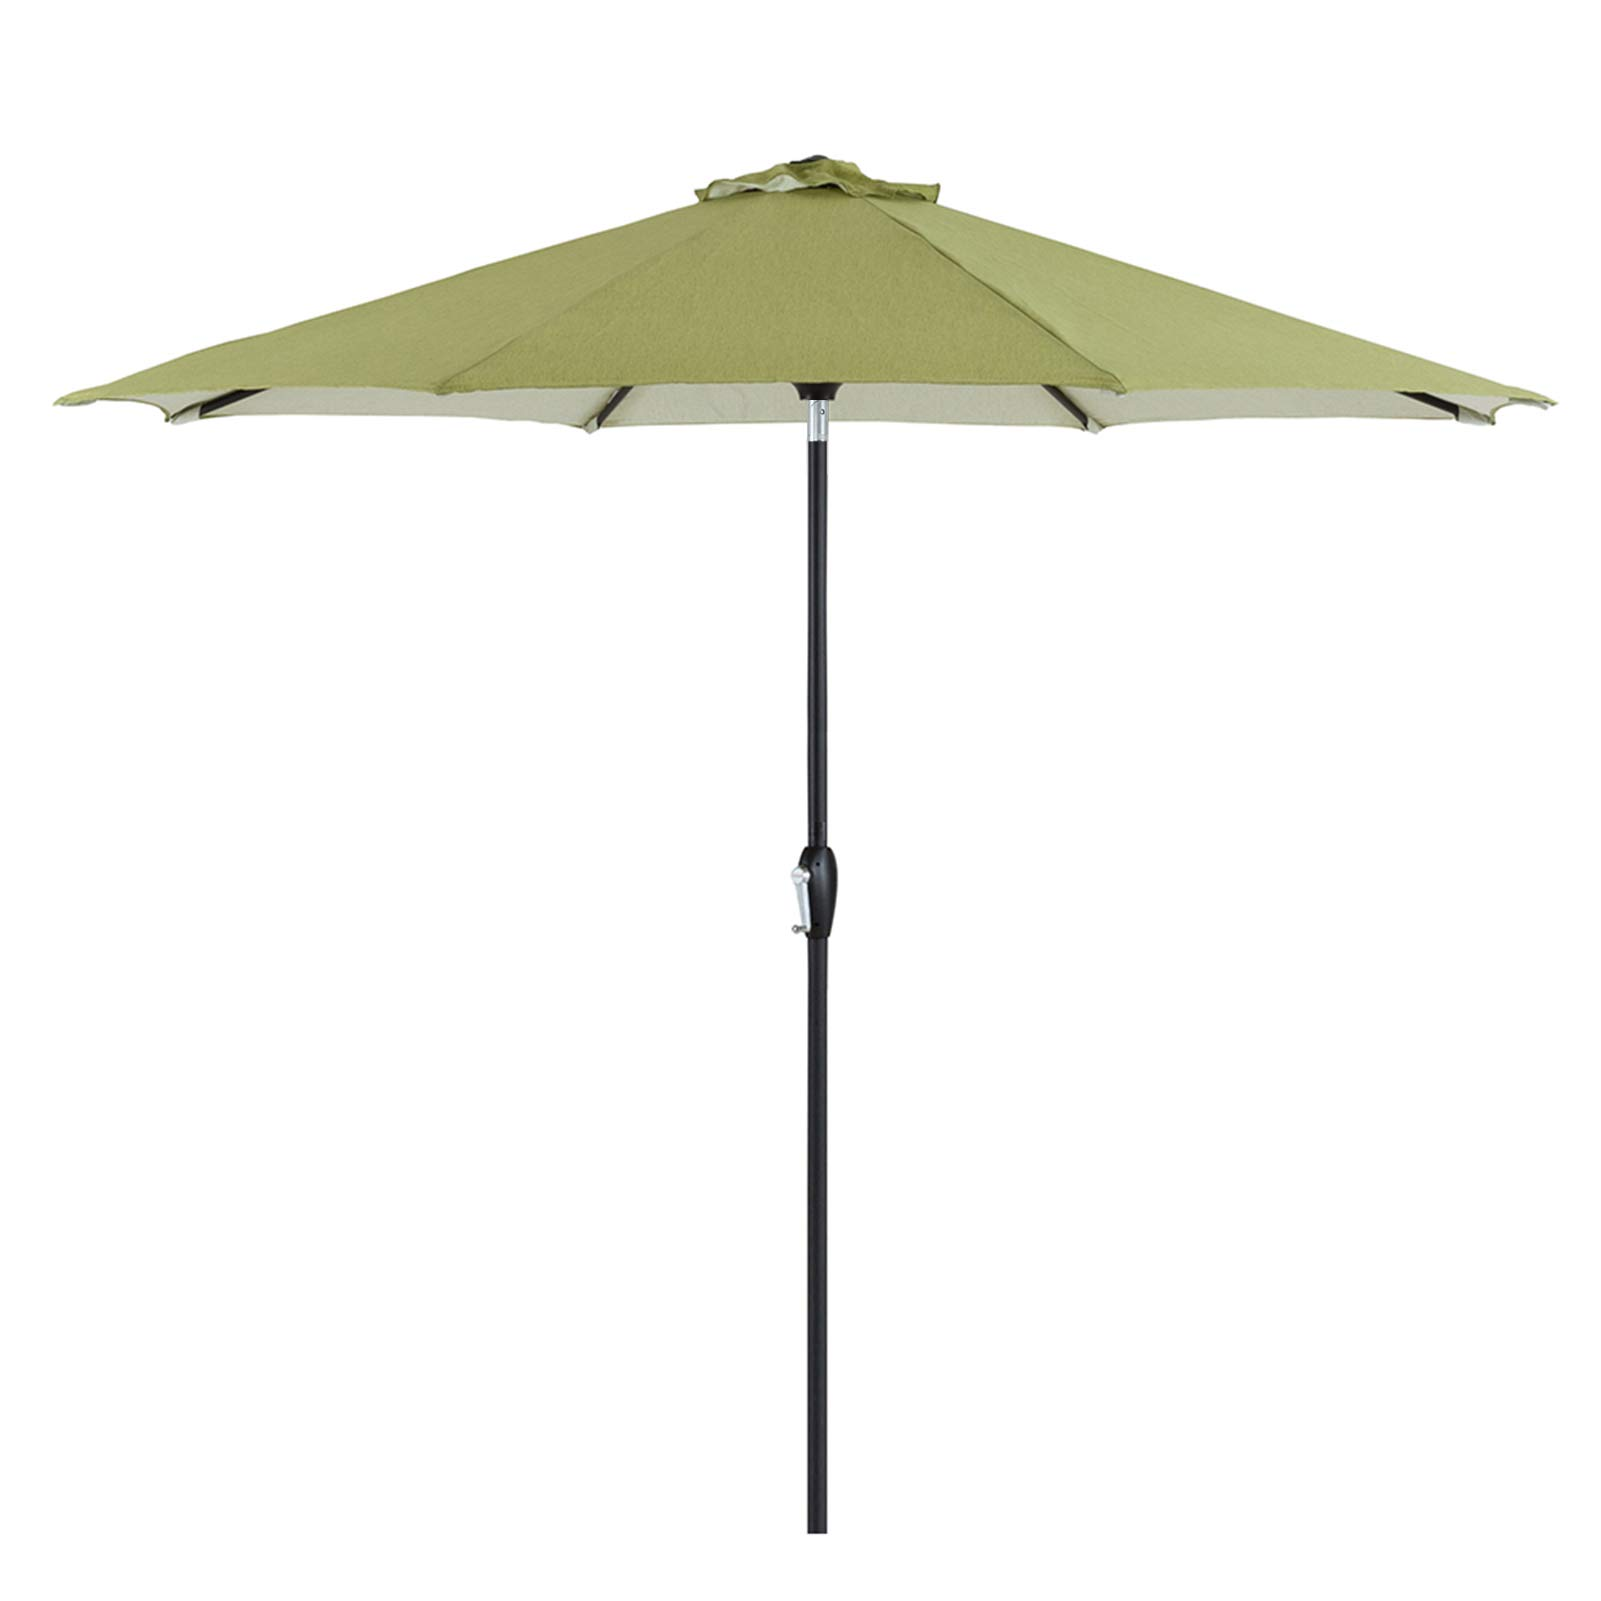 Tempera 9 ft Auto-Tilt Patio Umbrella Outdoor Table Umbrella, 8 Steel Ribs, Grass